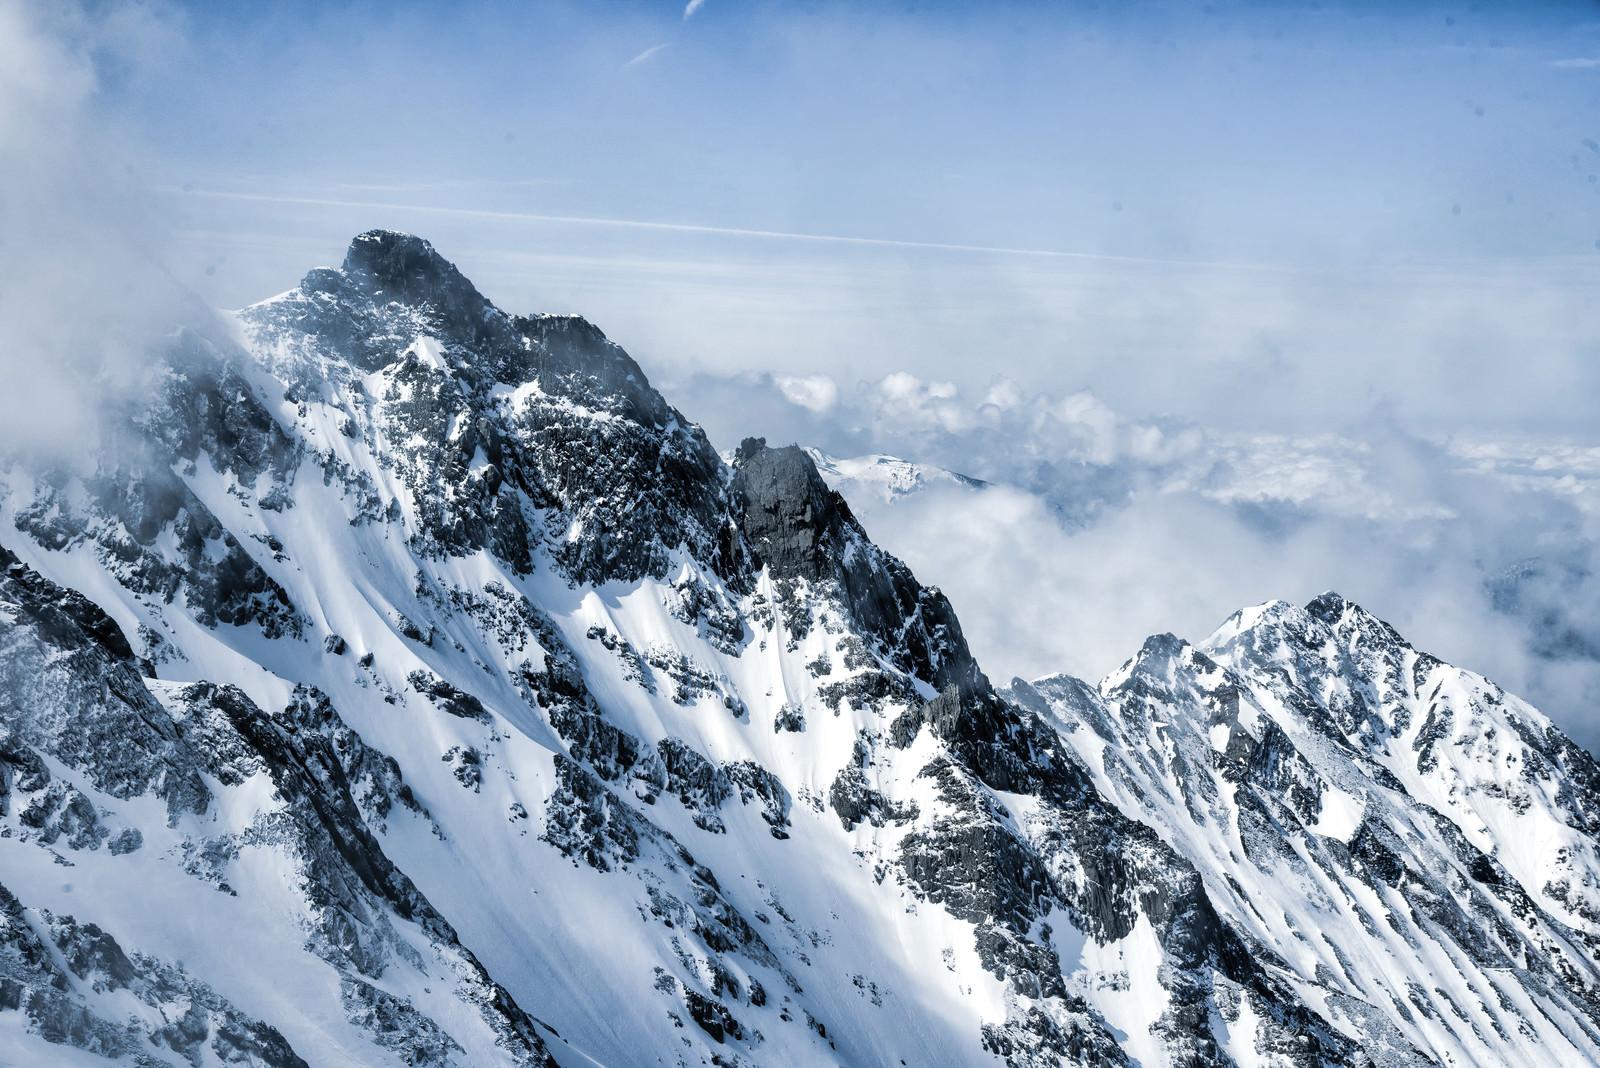 「奥穂高岳から西穂高岳への縦走路」の写真